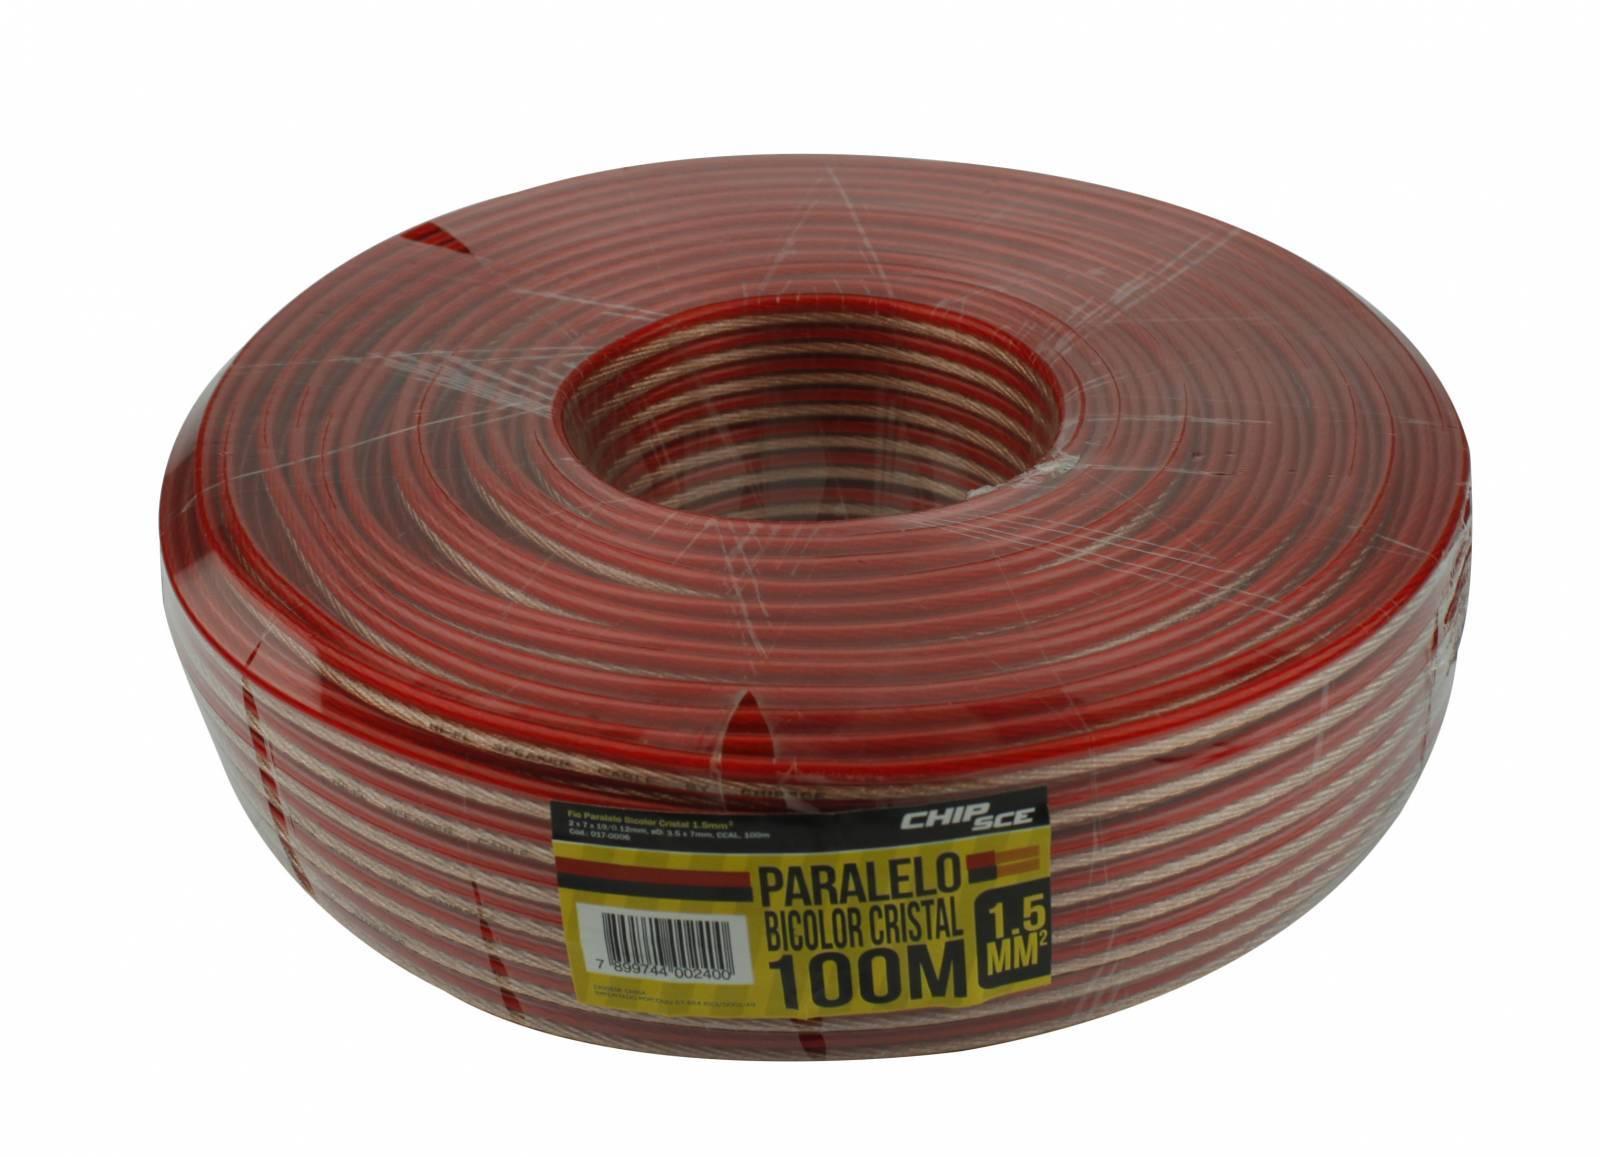 Fio Paralelo bicolor Cristal 2x2,00mm C/ 100mt - CHIP SCE